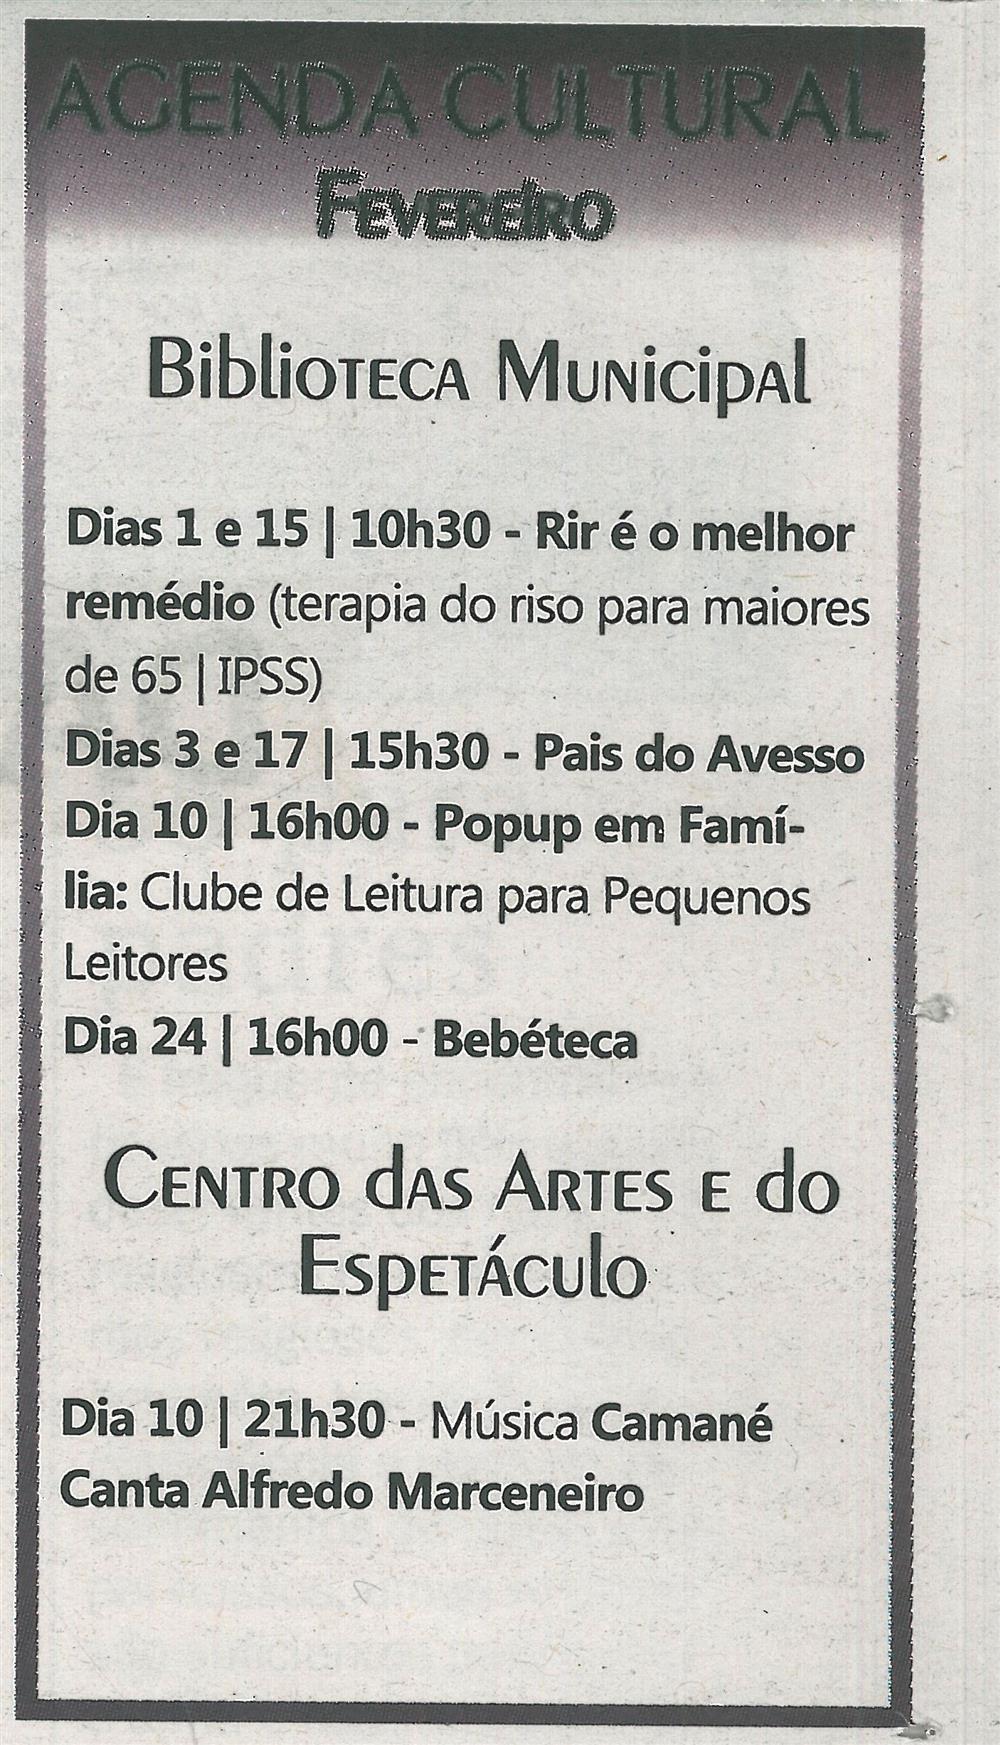 TV-fev.'18-p.23-Agenda cultural [de] fevereiro : Biblioteca Municipal : Centro das Artes e do Espetáculo.jpg